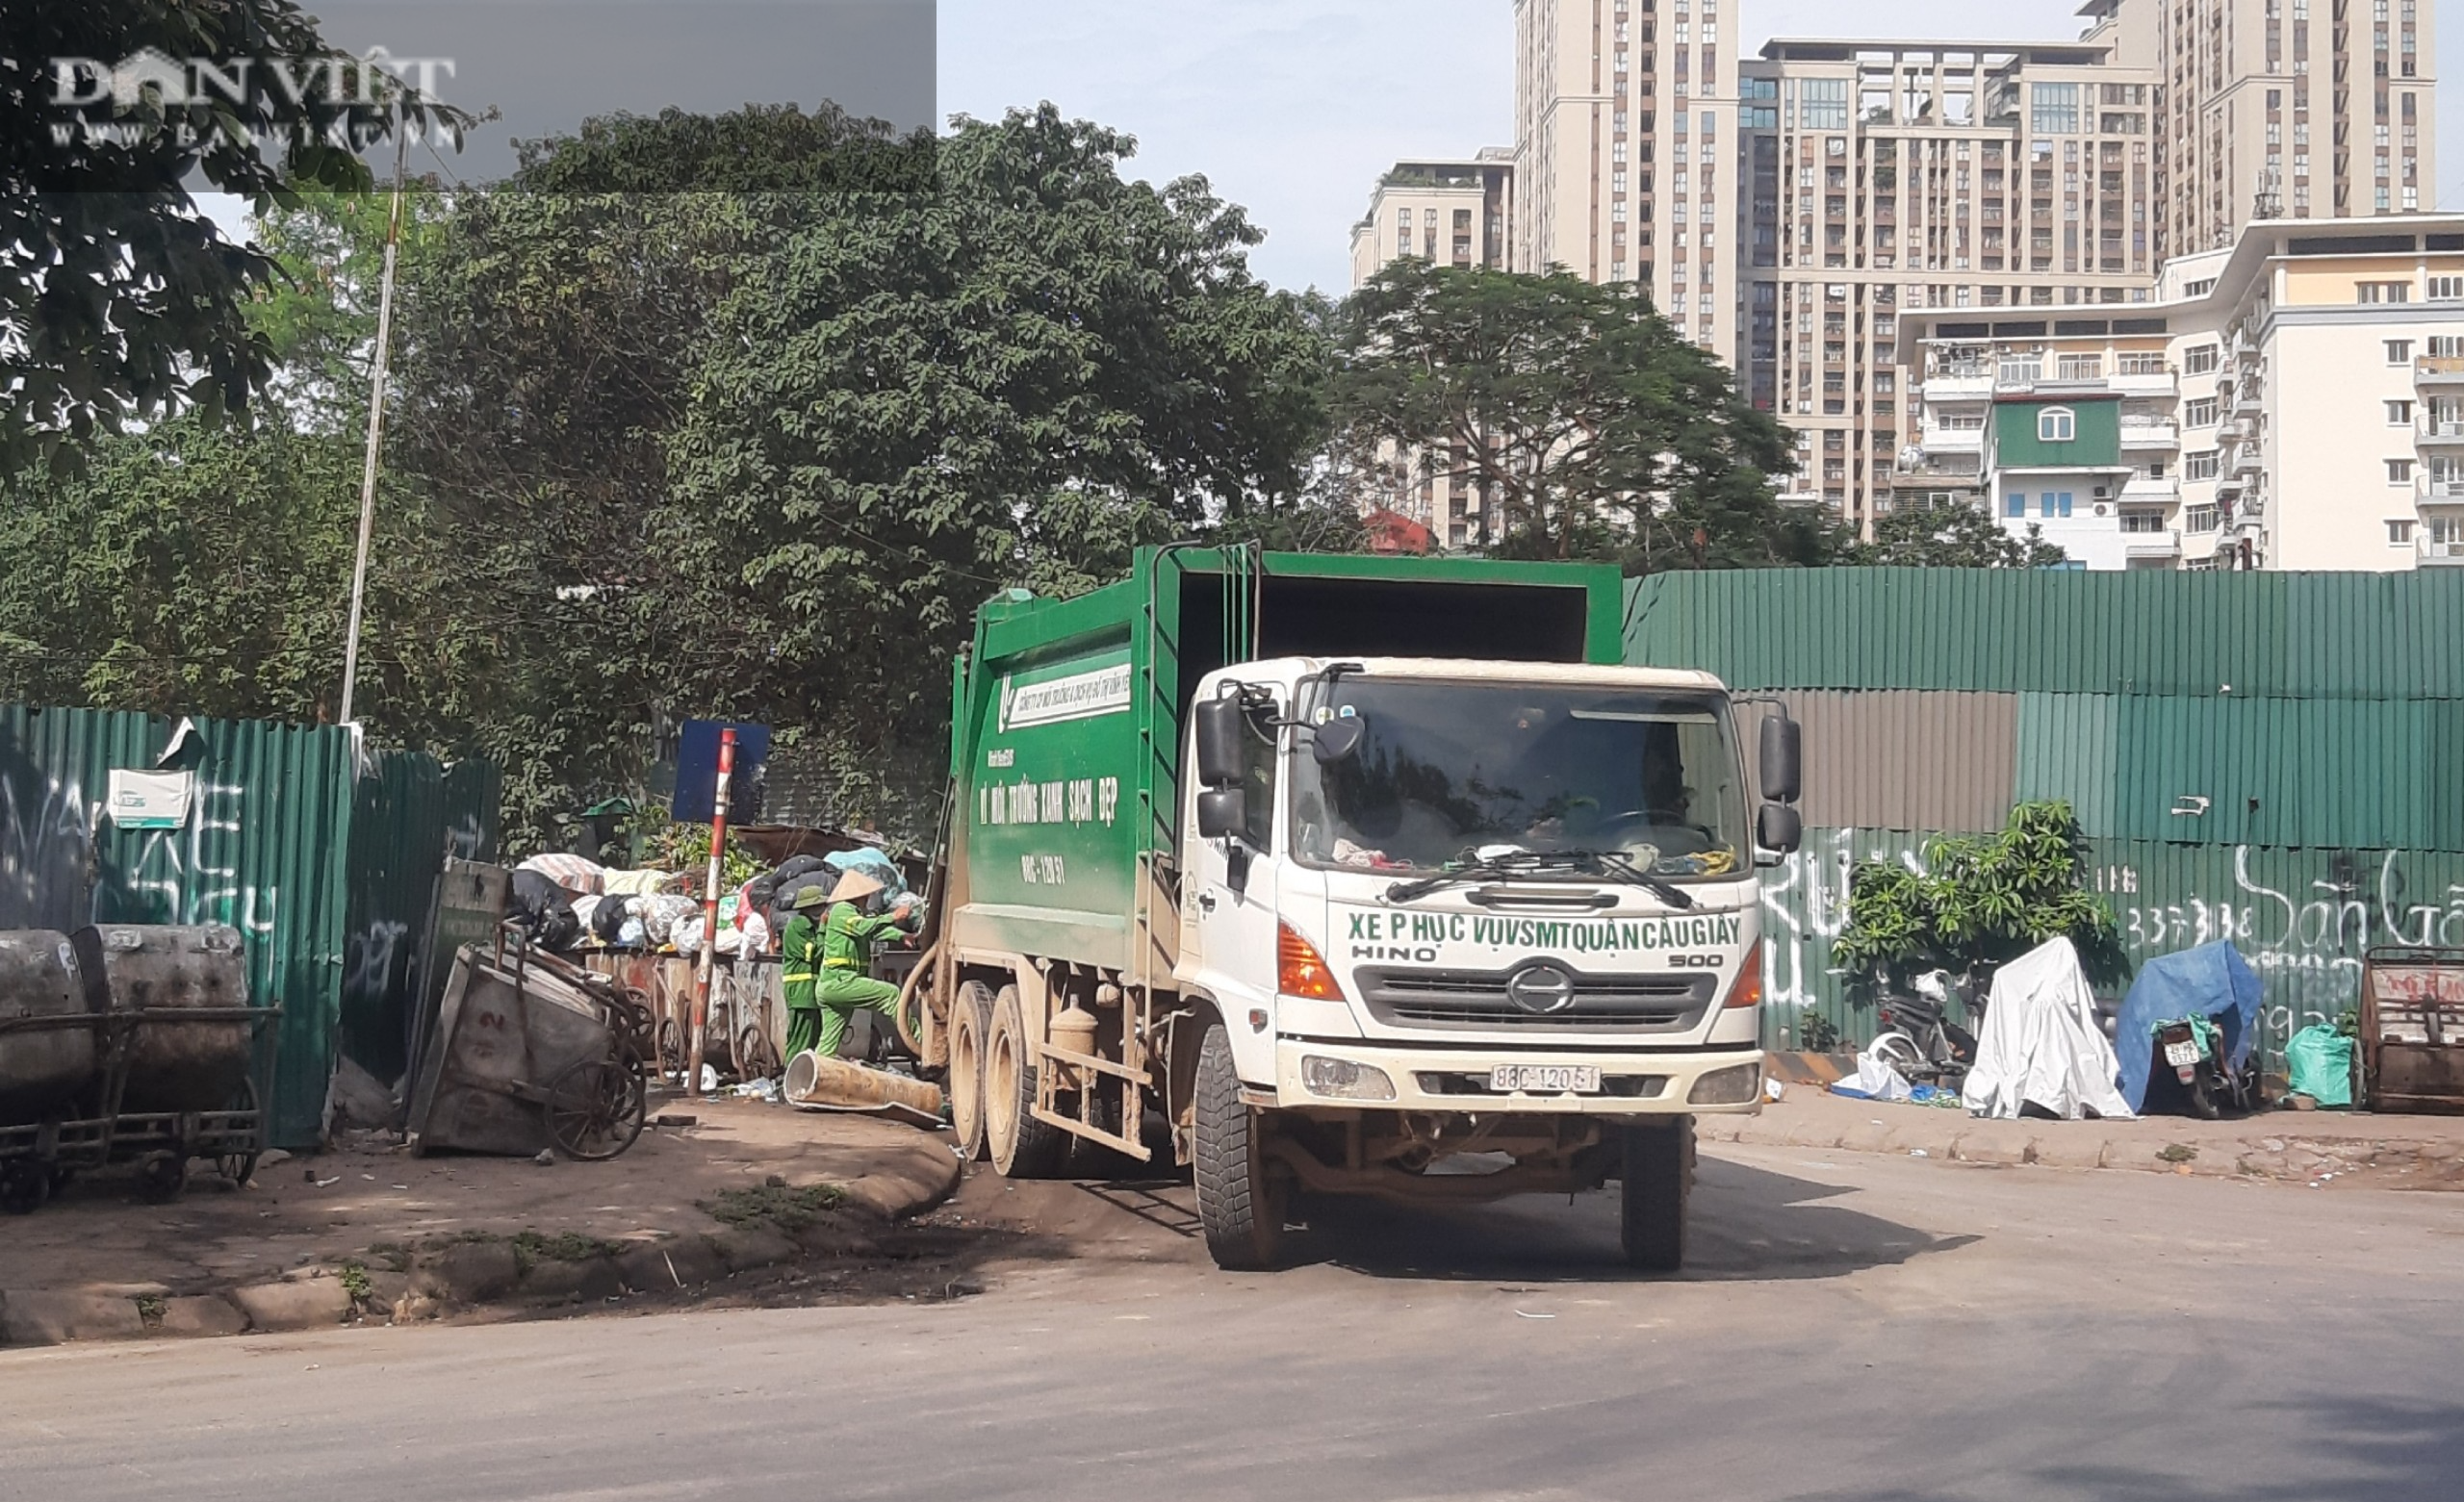 Bài 2: Tràn lan hình ảnh gây ô nhiễm của các công ty bảo vệ môi trường giữa thủ đô - Ảnh 6.